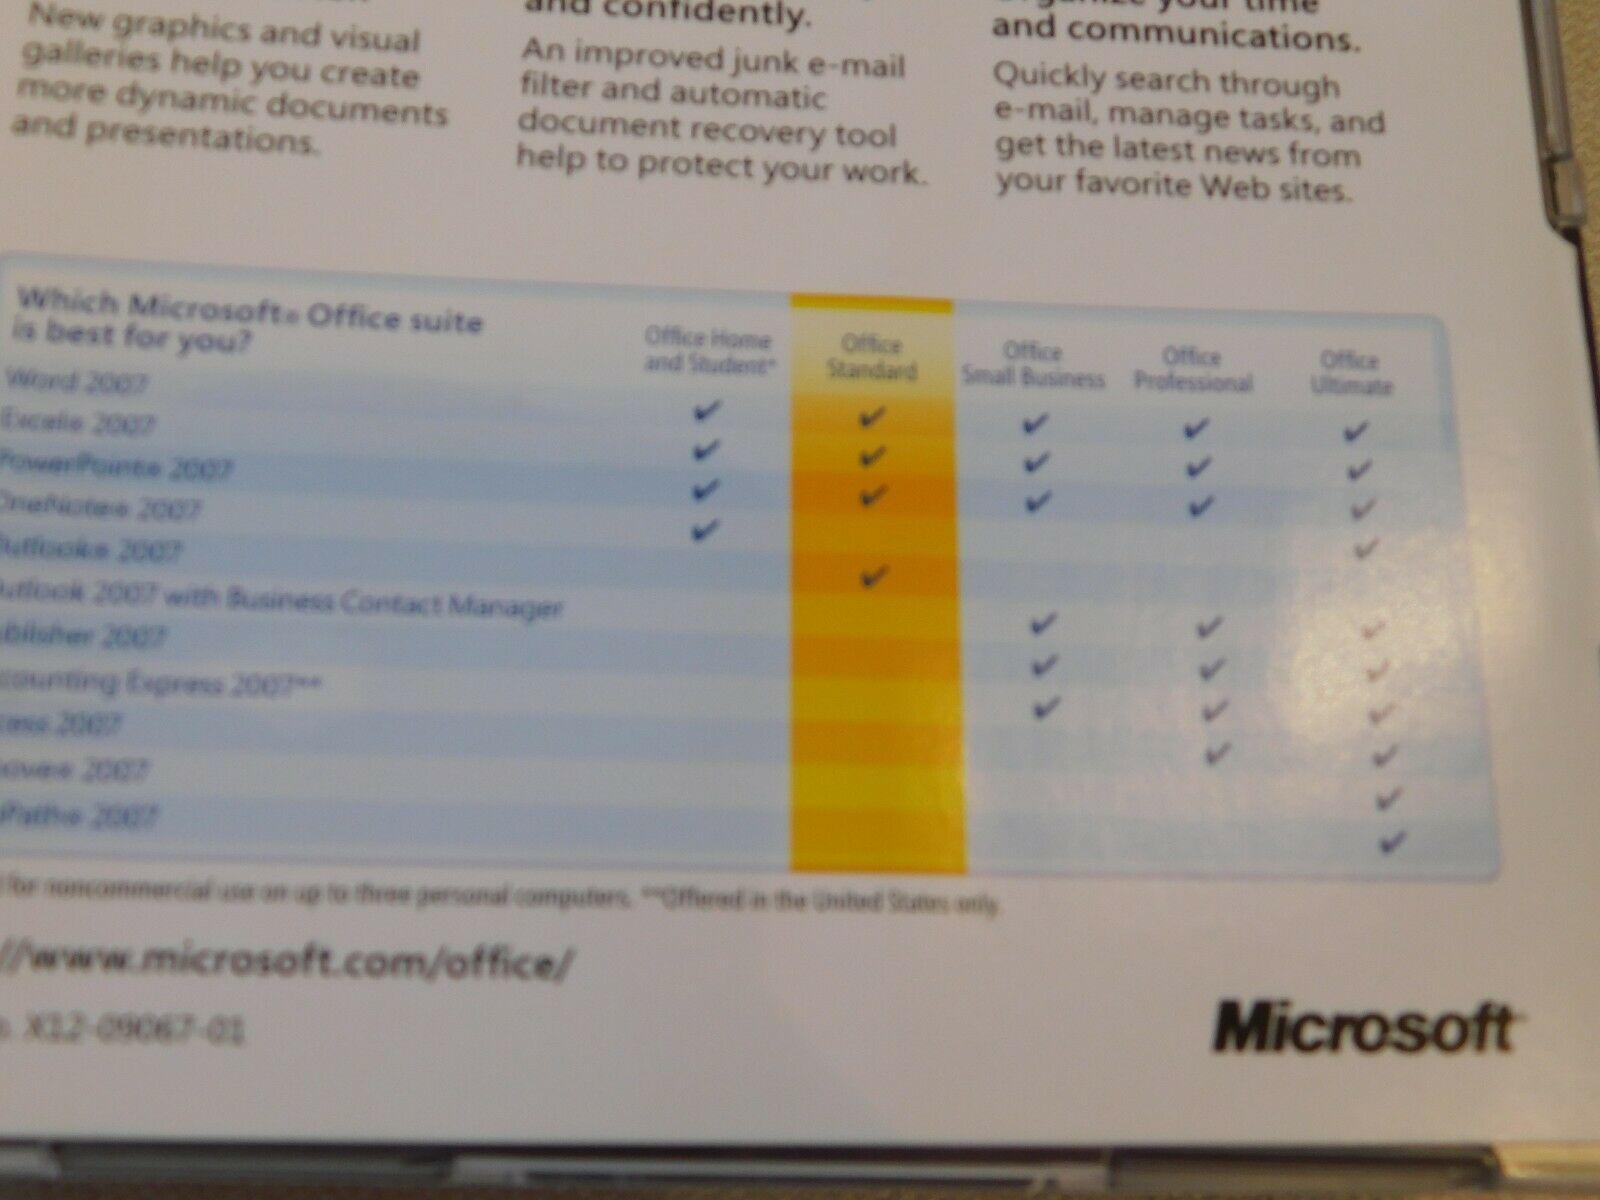 Microsoft Oficina Estándar 2007 PC Actualización 021-07668 Abierto NOS New Word image 7